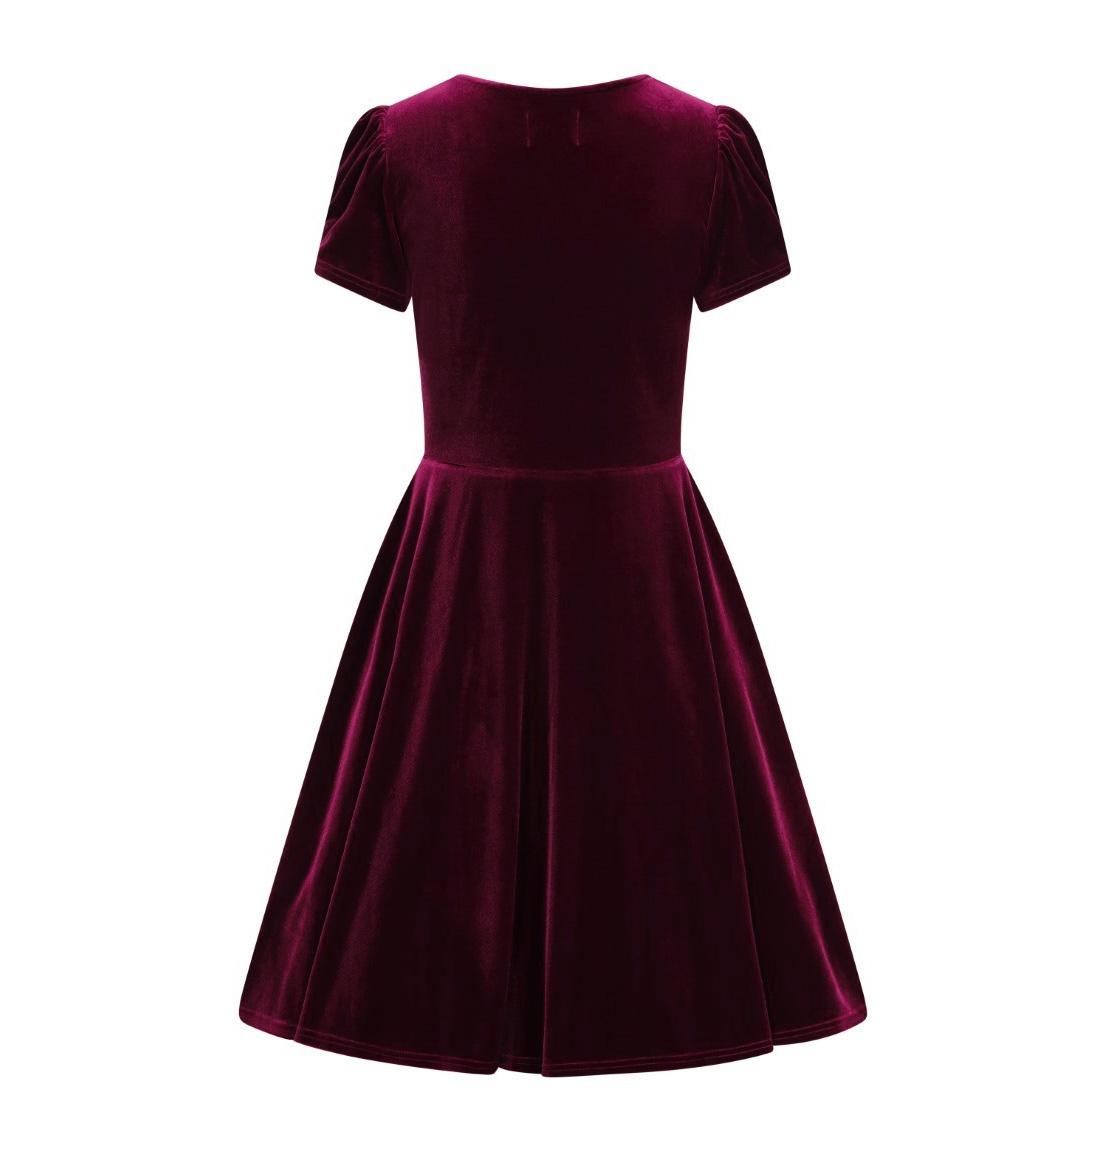 Hell-Bunny-40s-50s-Elegant-Pin-Up-Dress-JOANNE-Crushed-Velvet-Burgundy-All-Sizes thumbnail 31